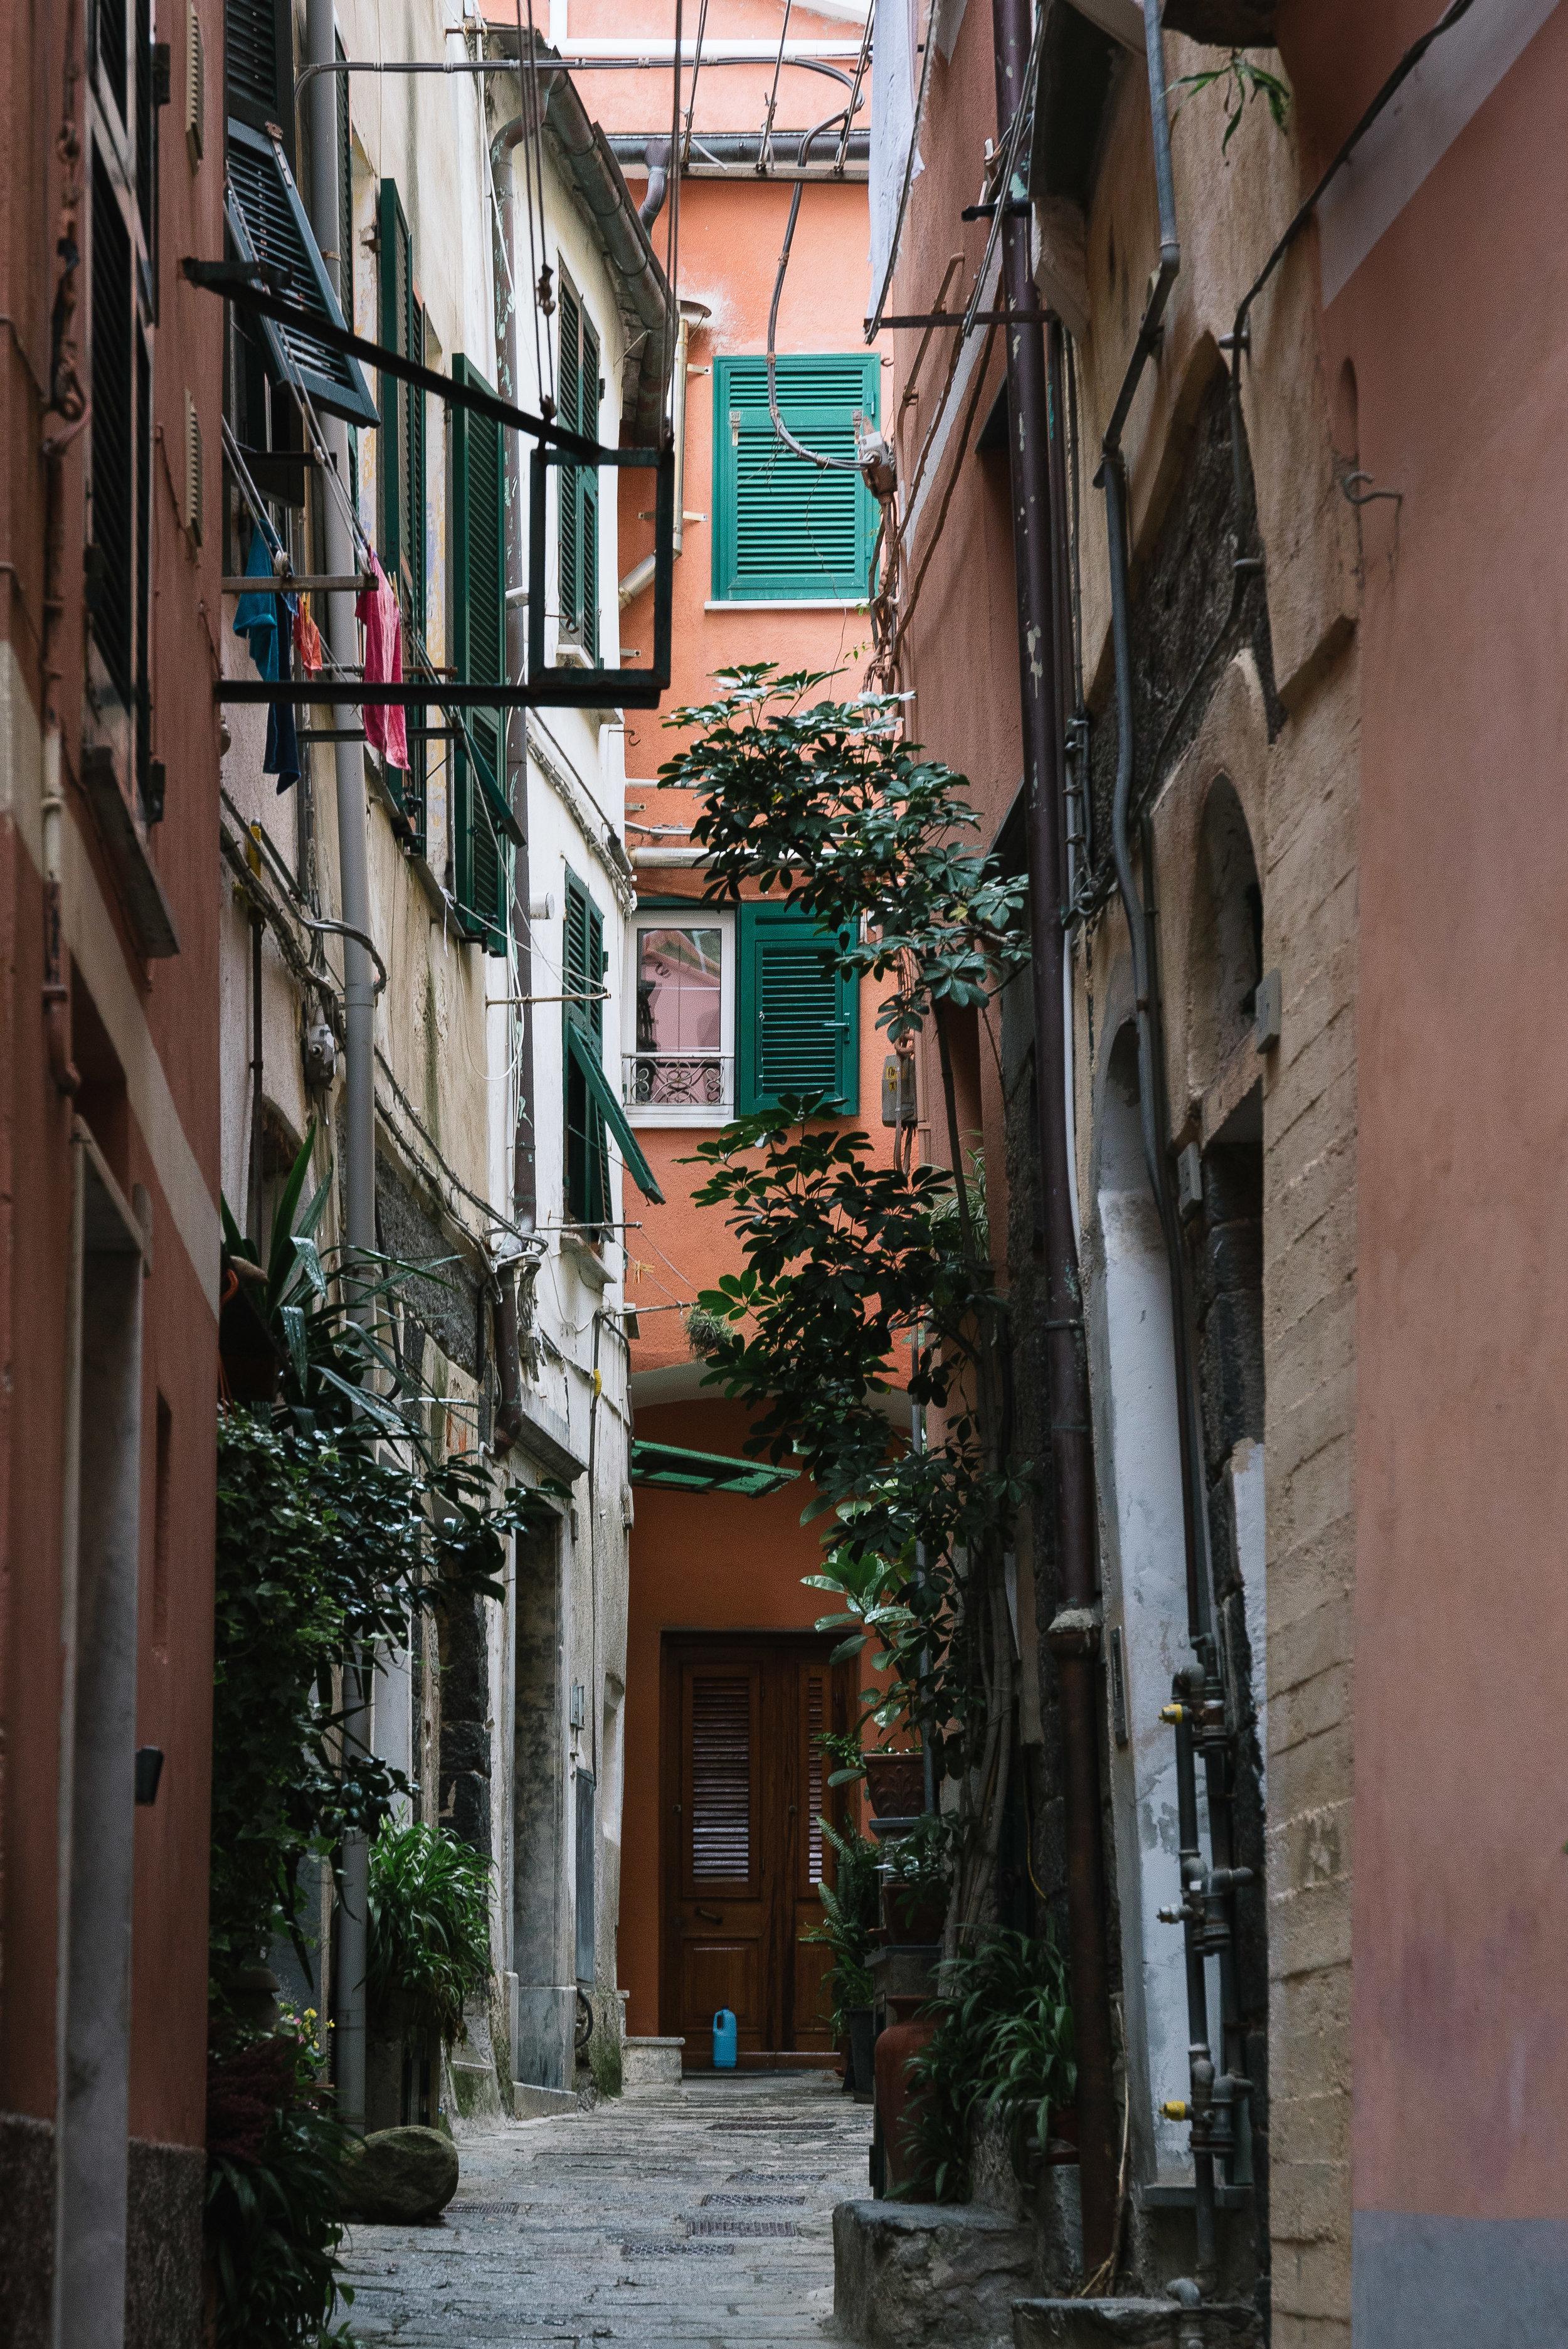 Vernazza Alleyway Two.jpg